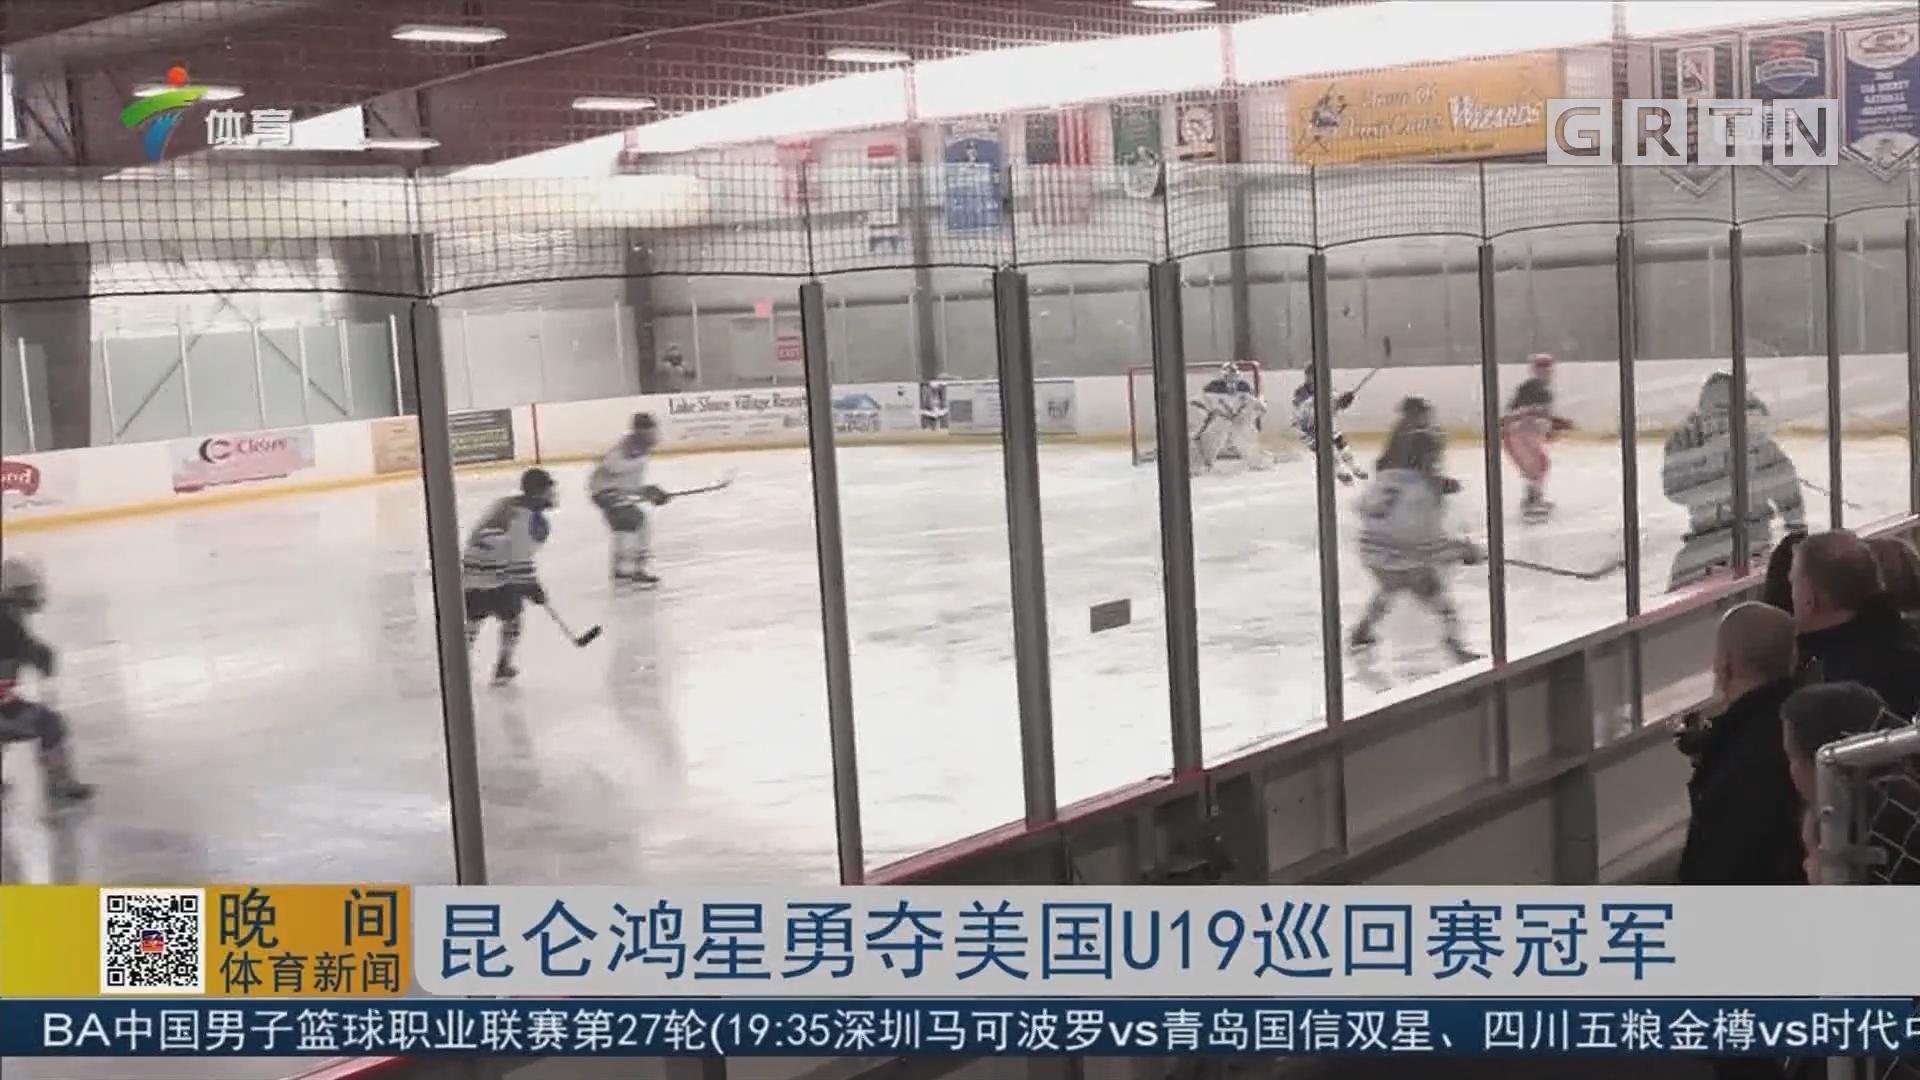 昆仑鸿星勇夺美国U19巡回赛冠军